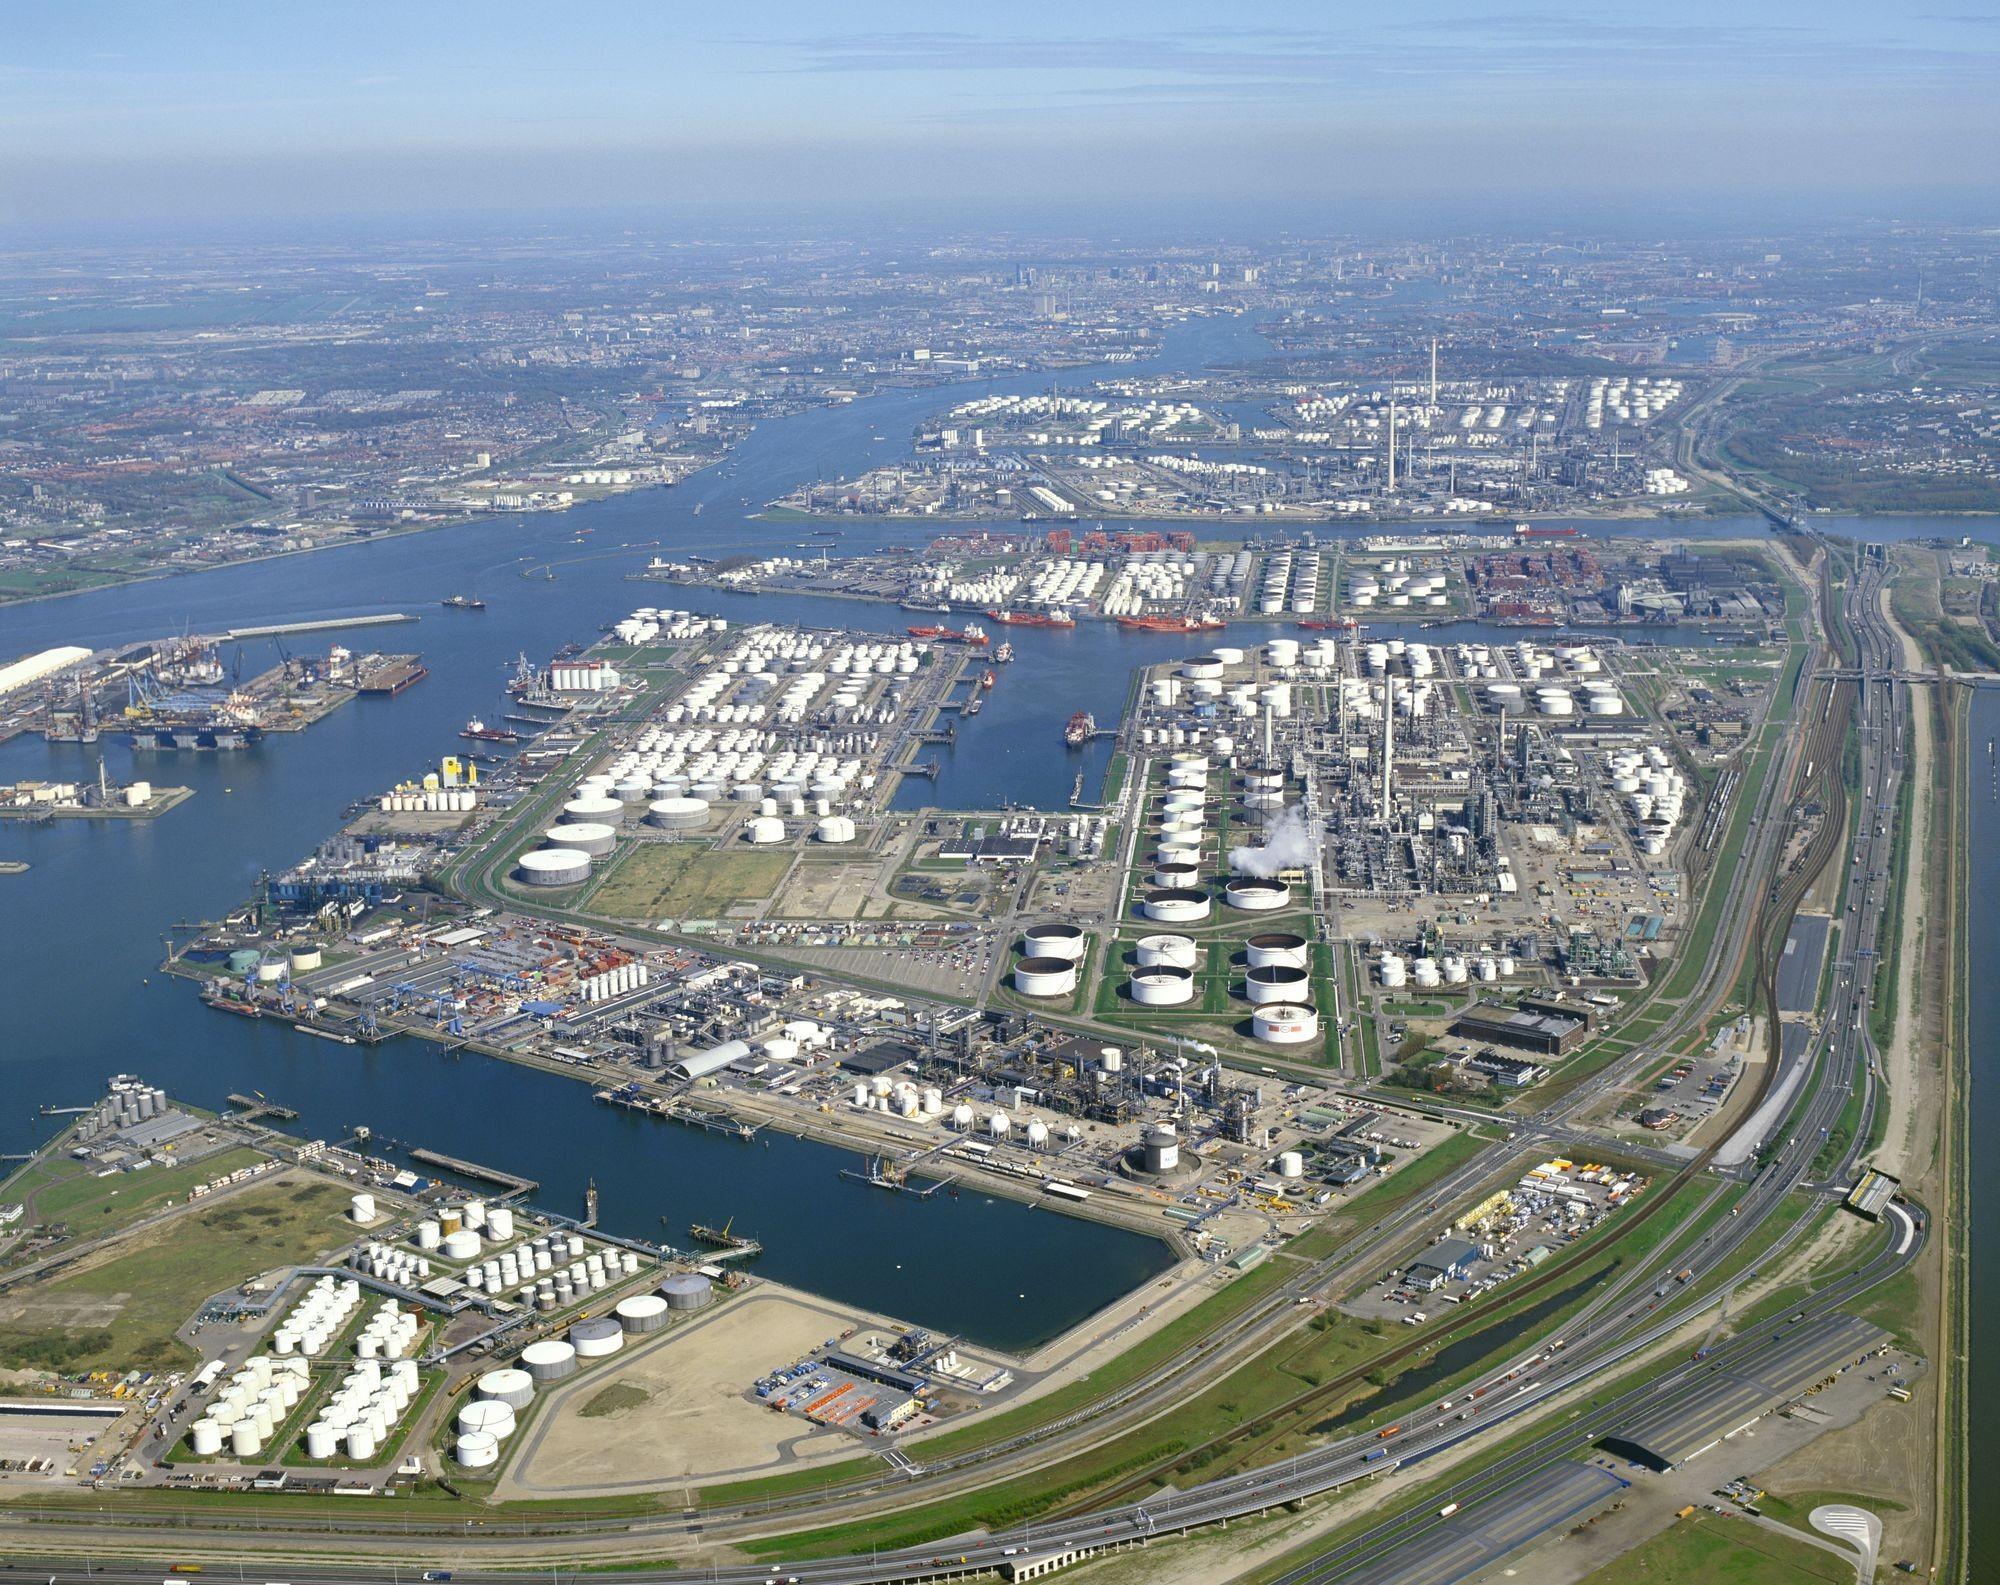 Vue aérienne du port de Rotterdam